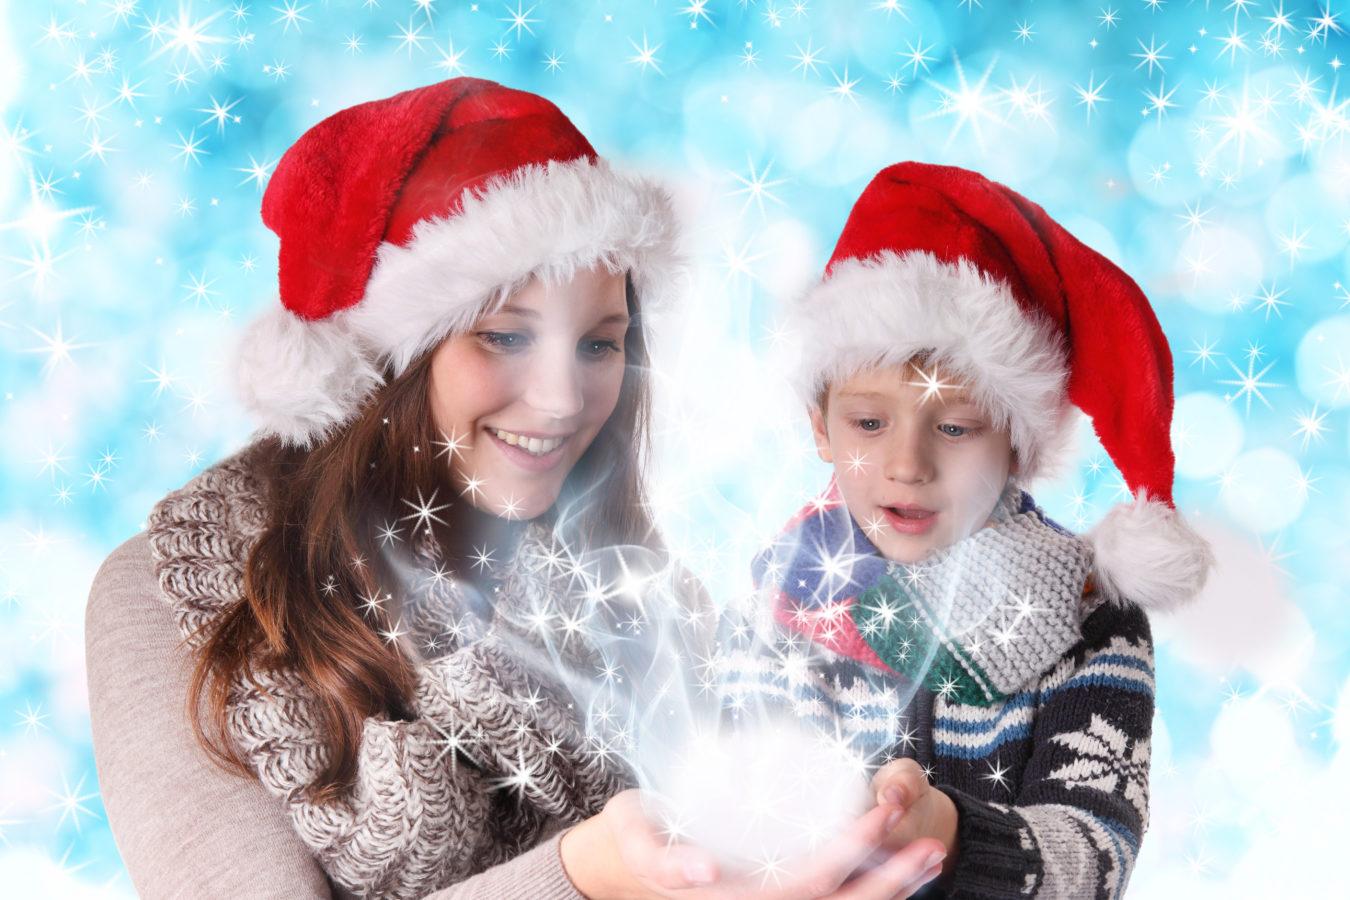 Comment les enfants utilisent-t-ils la magie de Noël pour nous faire dépenser ?